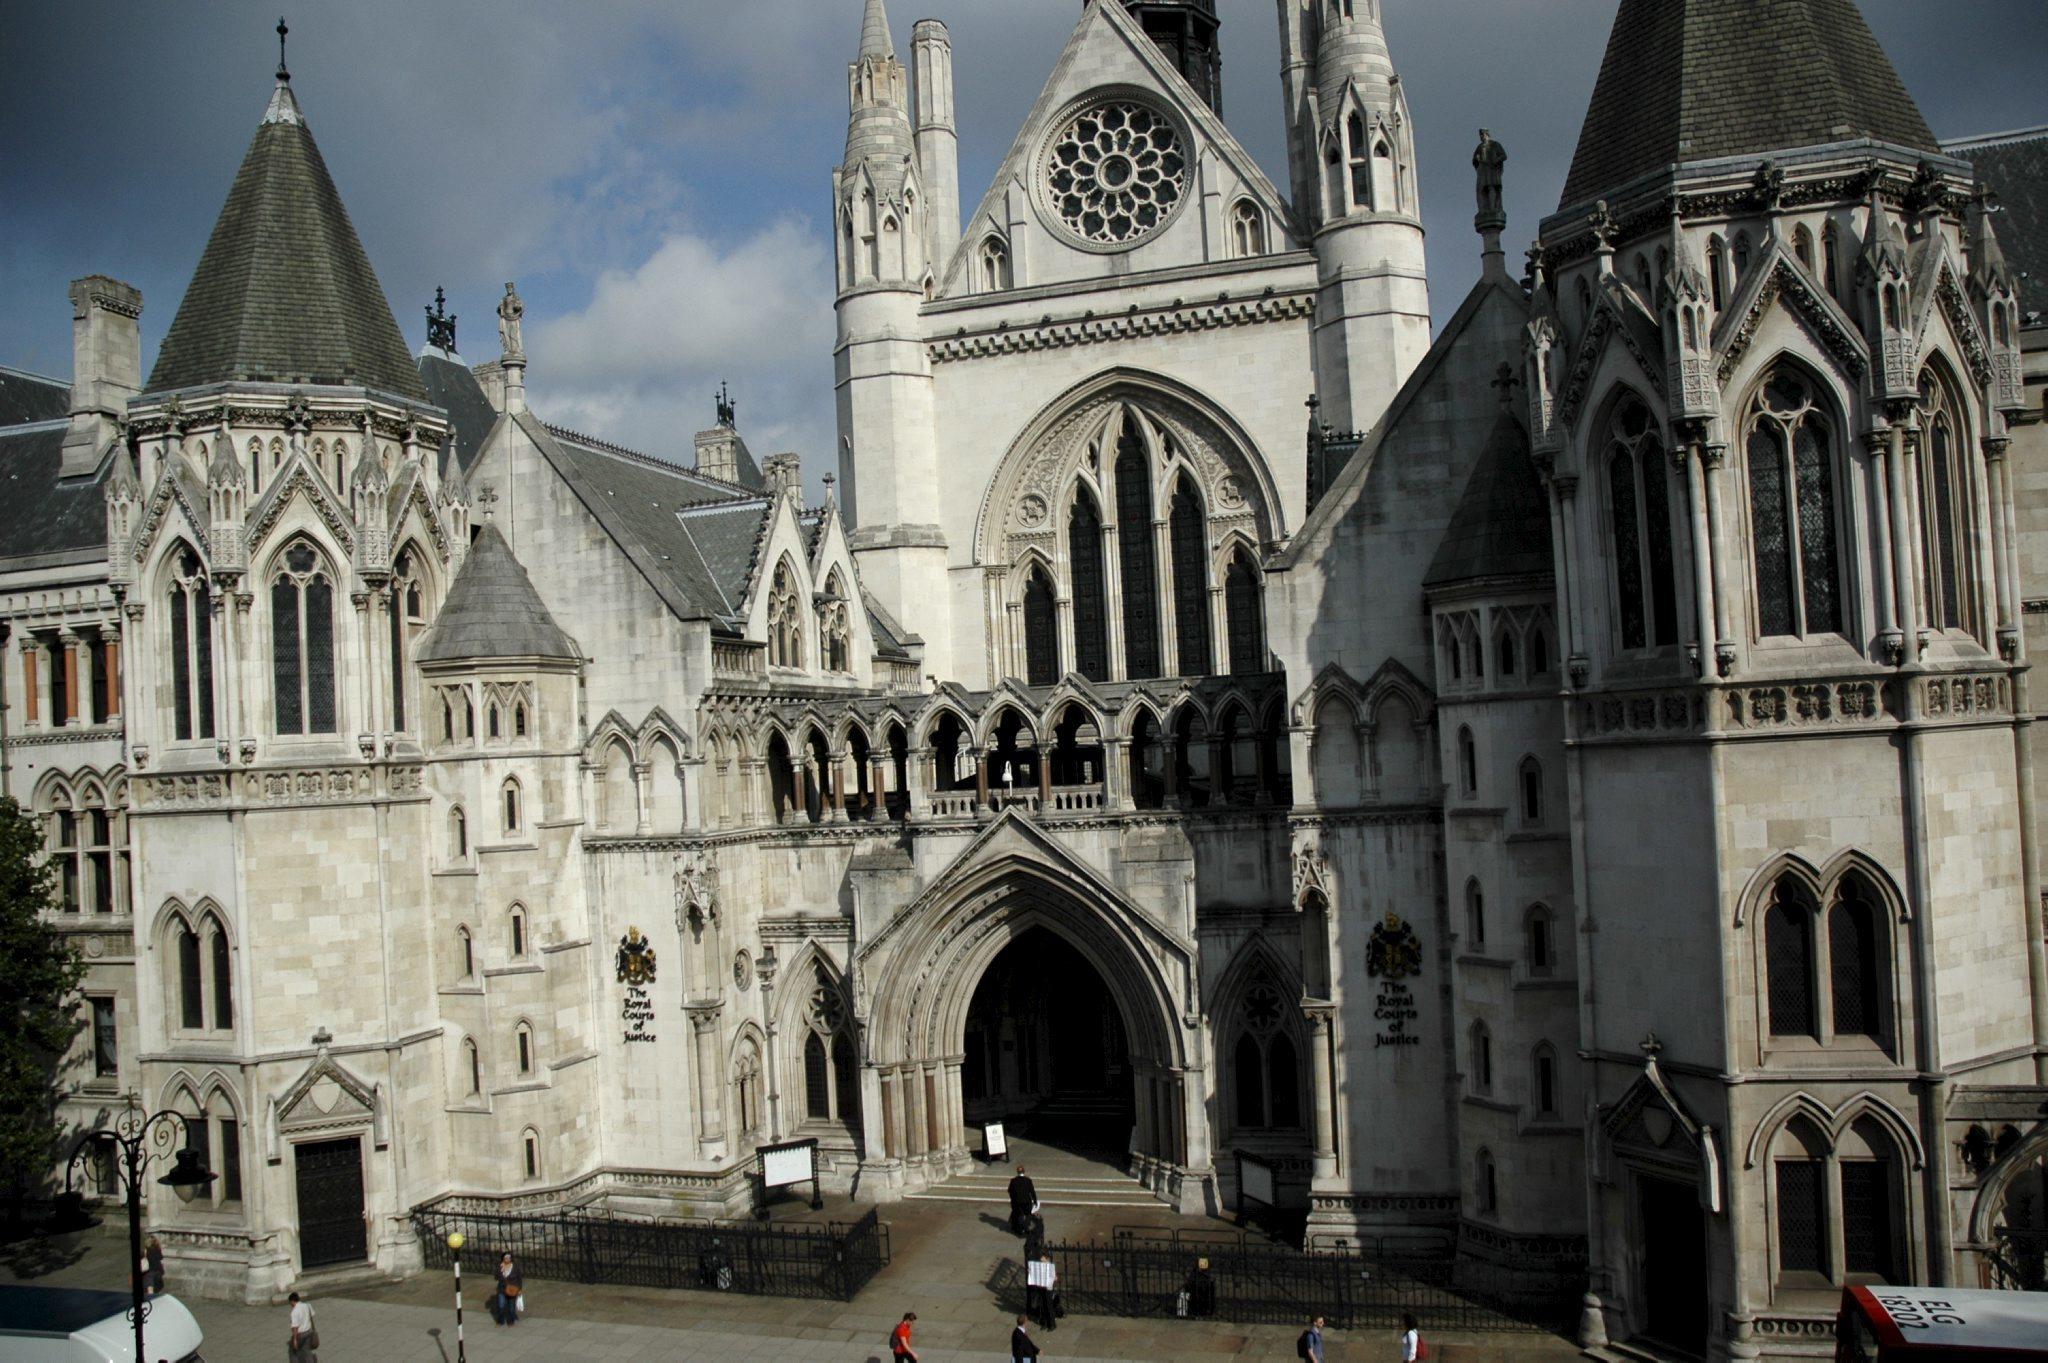 Courts of Law Public Tours